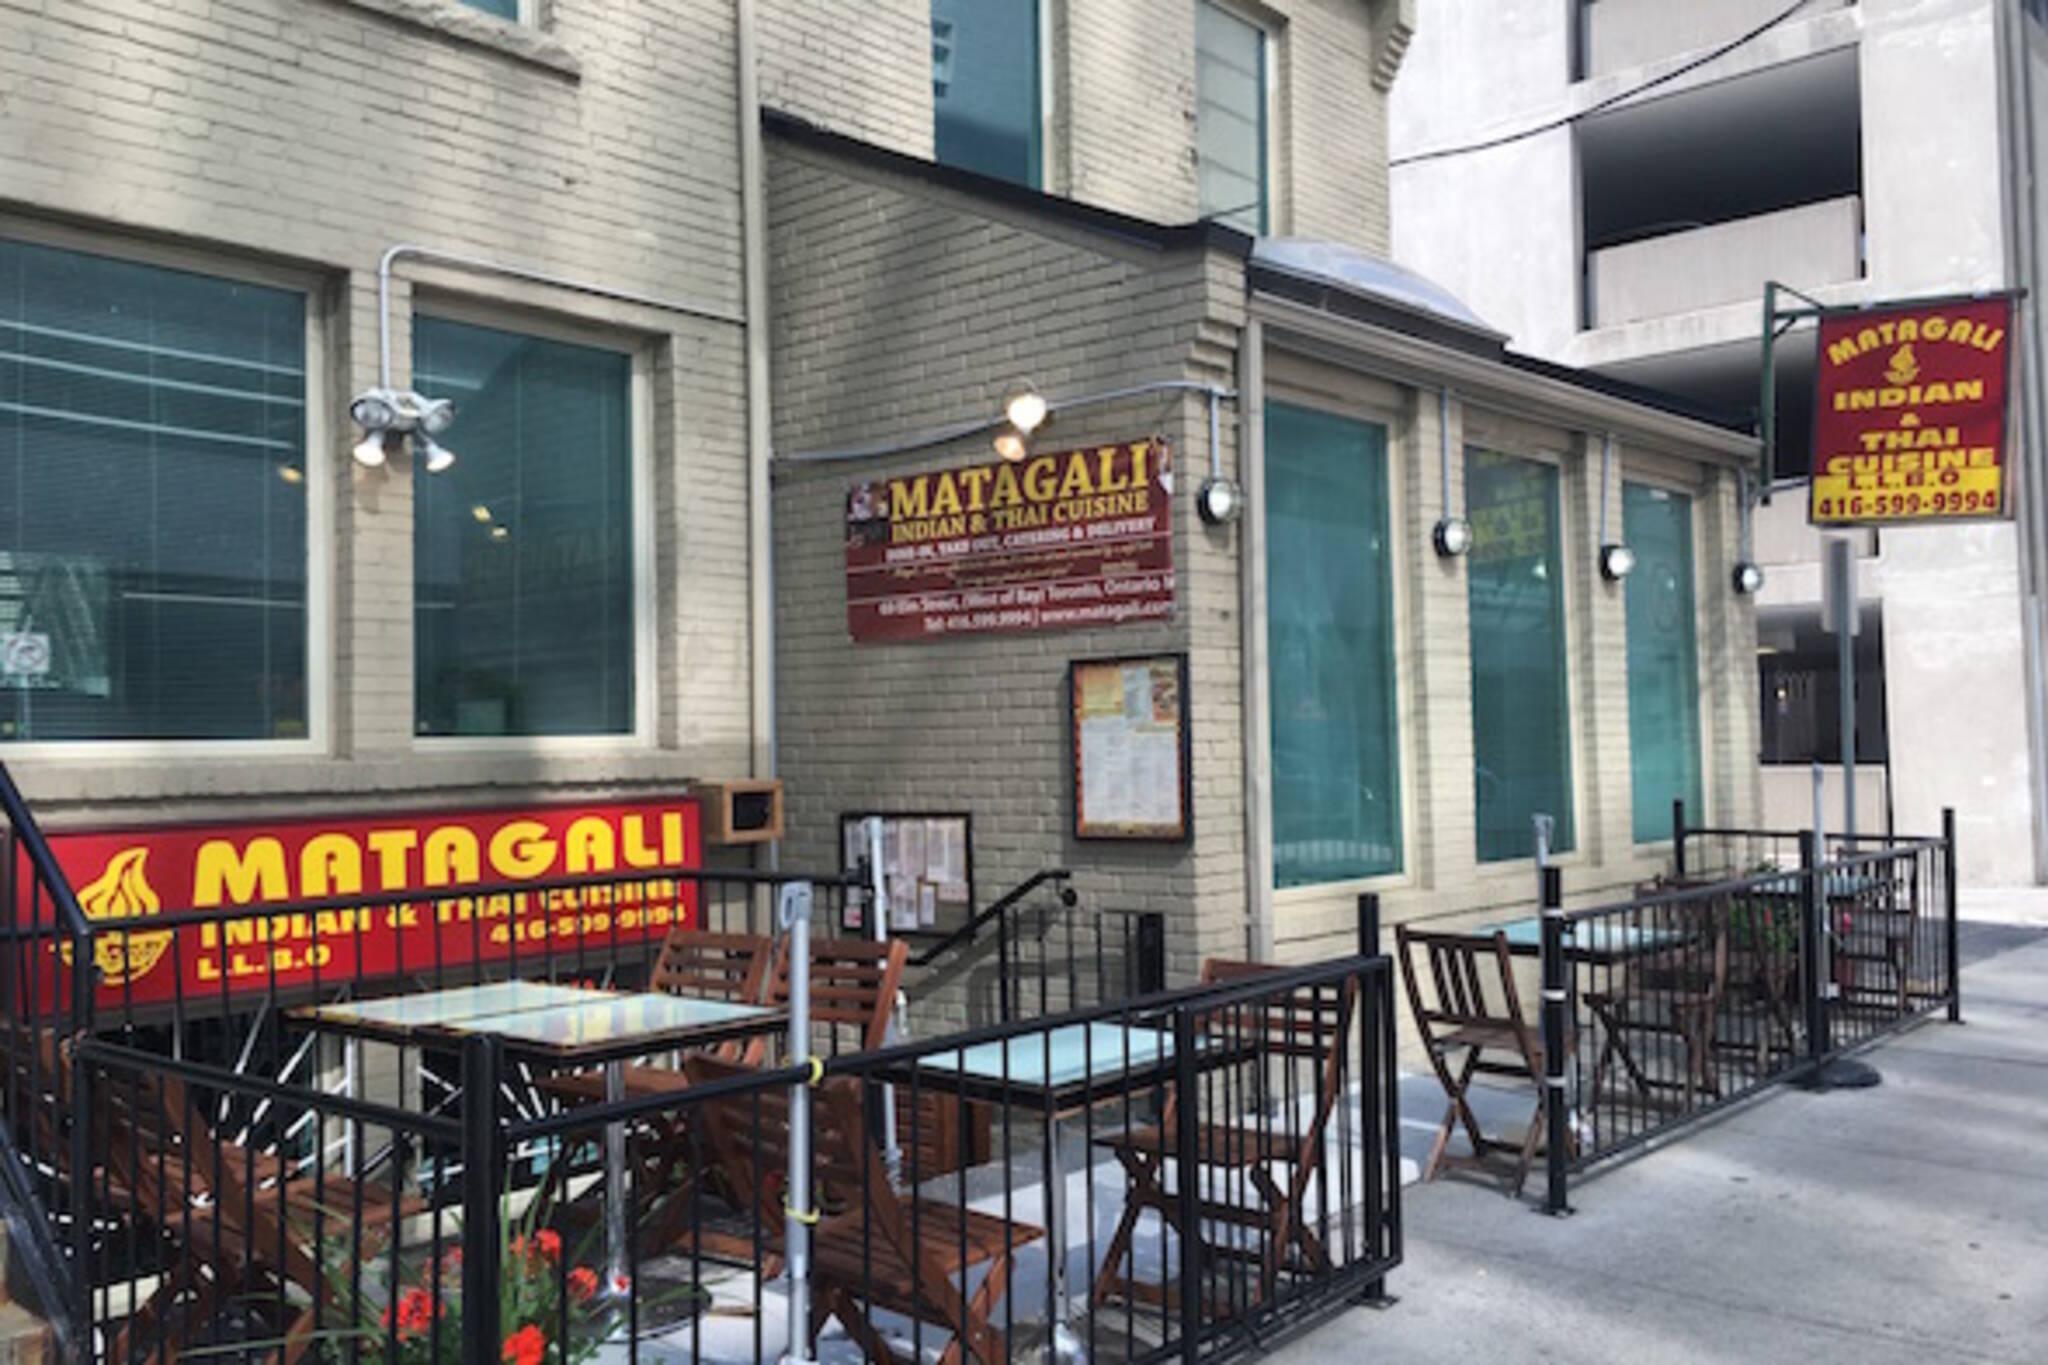 Matagali Toronto